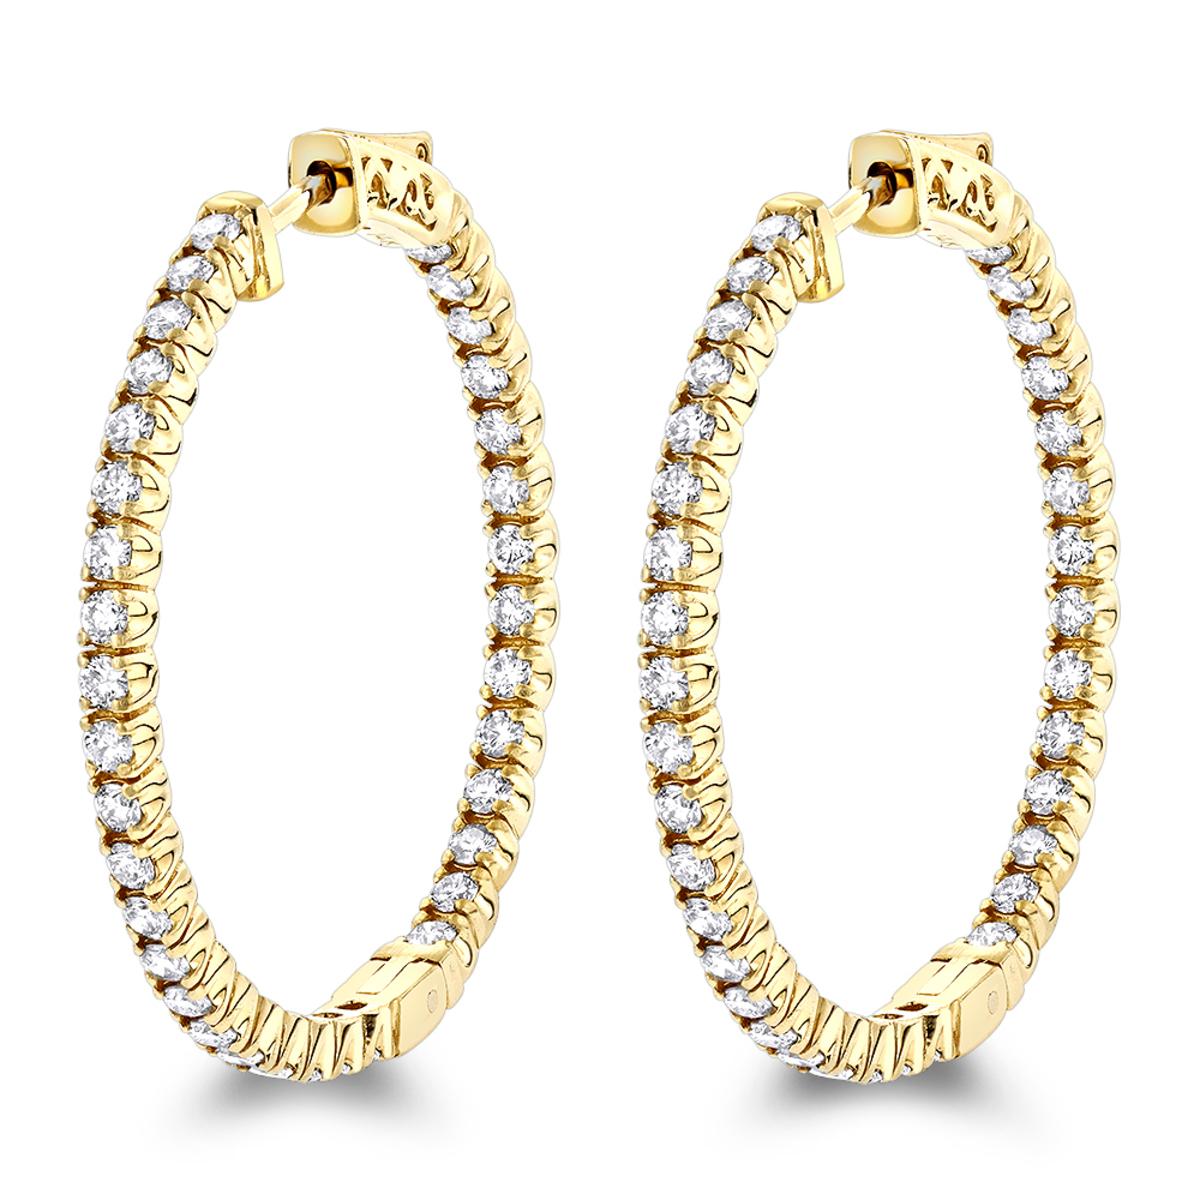 14K Gold Inside Out Diamond Hoop Earrings for Women by Luxurman 2.1ct